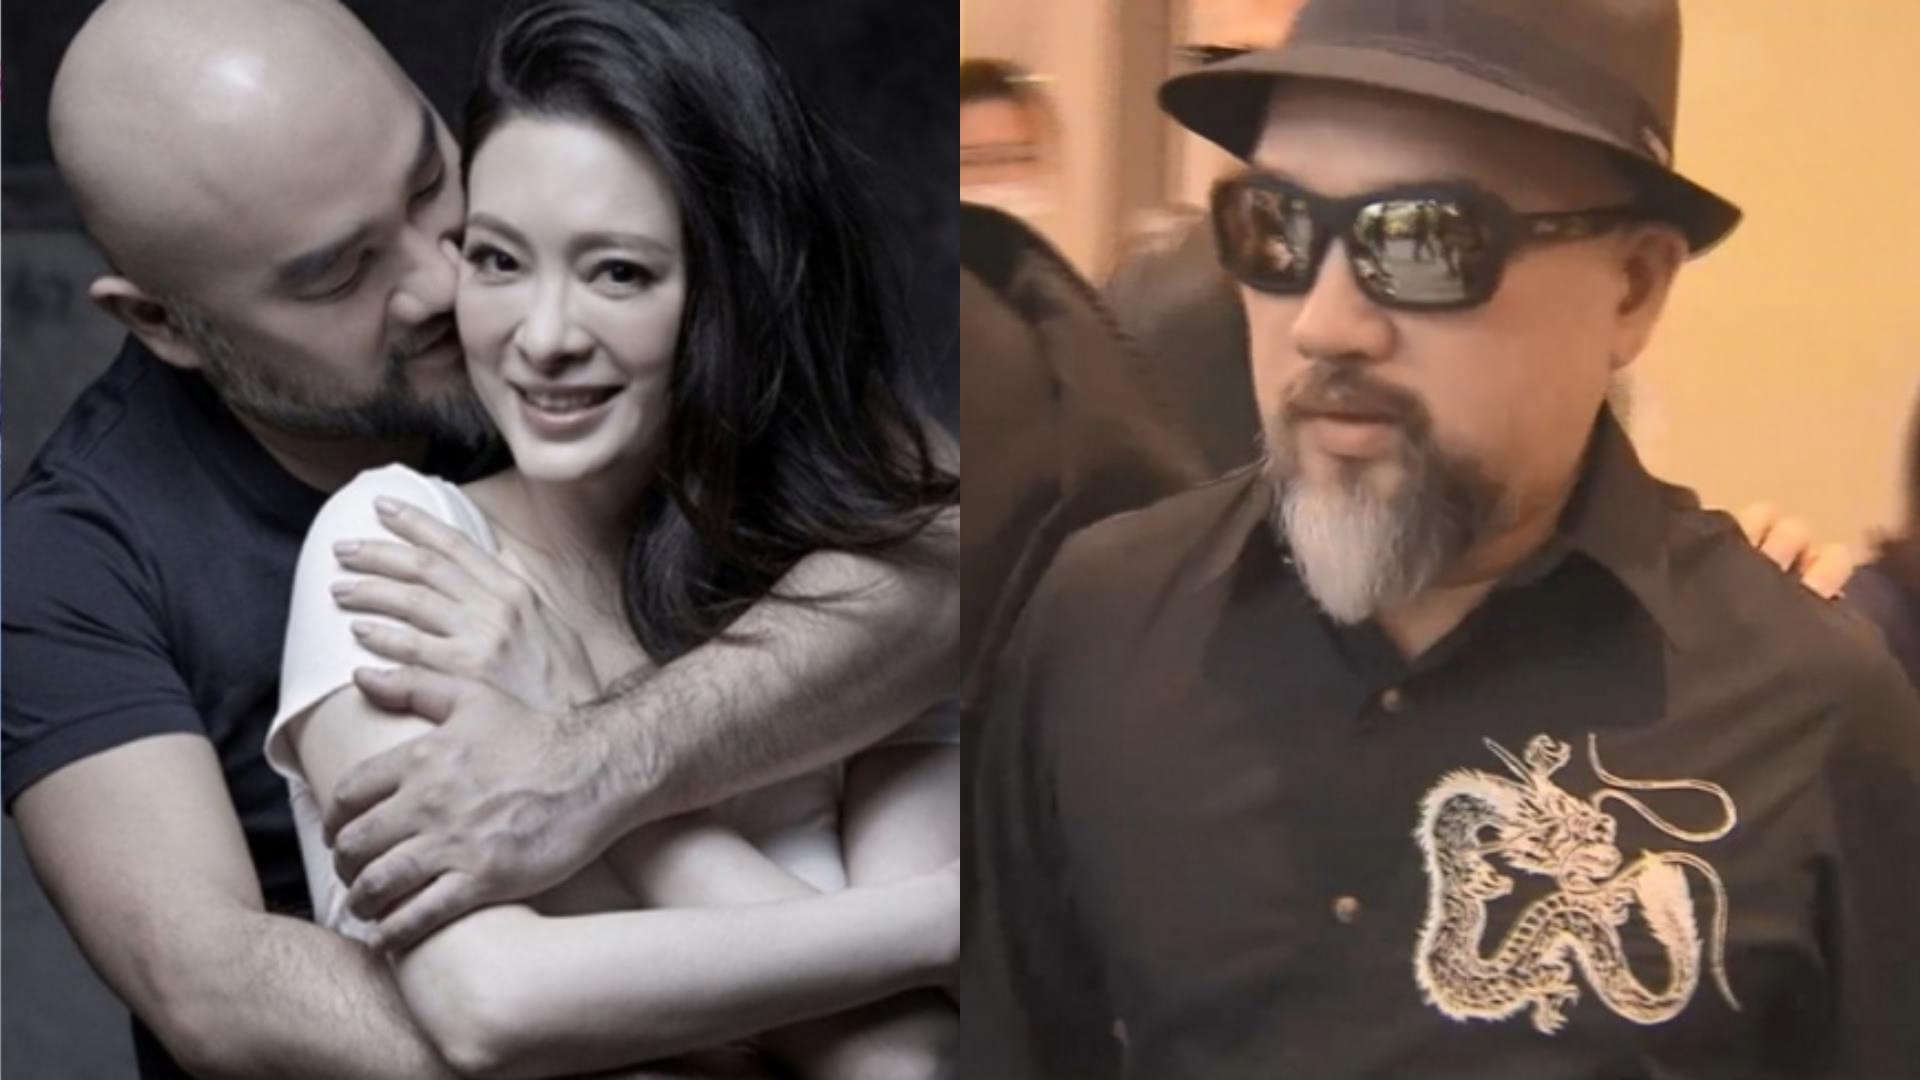 (圖/翻攝自臉書、TVBS資料畫面) 護亡妻槓上前老闆 辛龍再發聲明加控「妨害名譽」